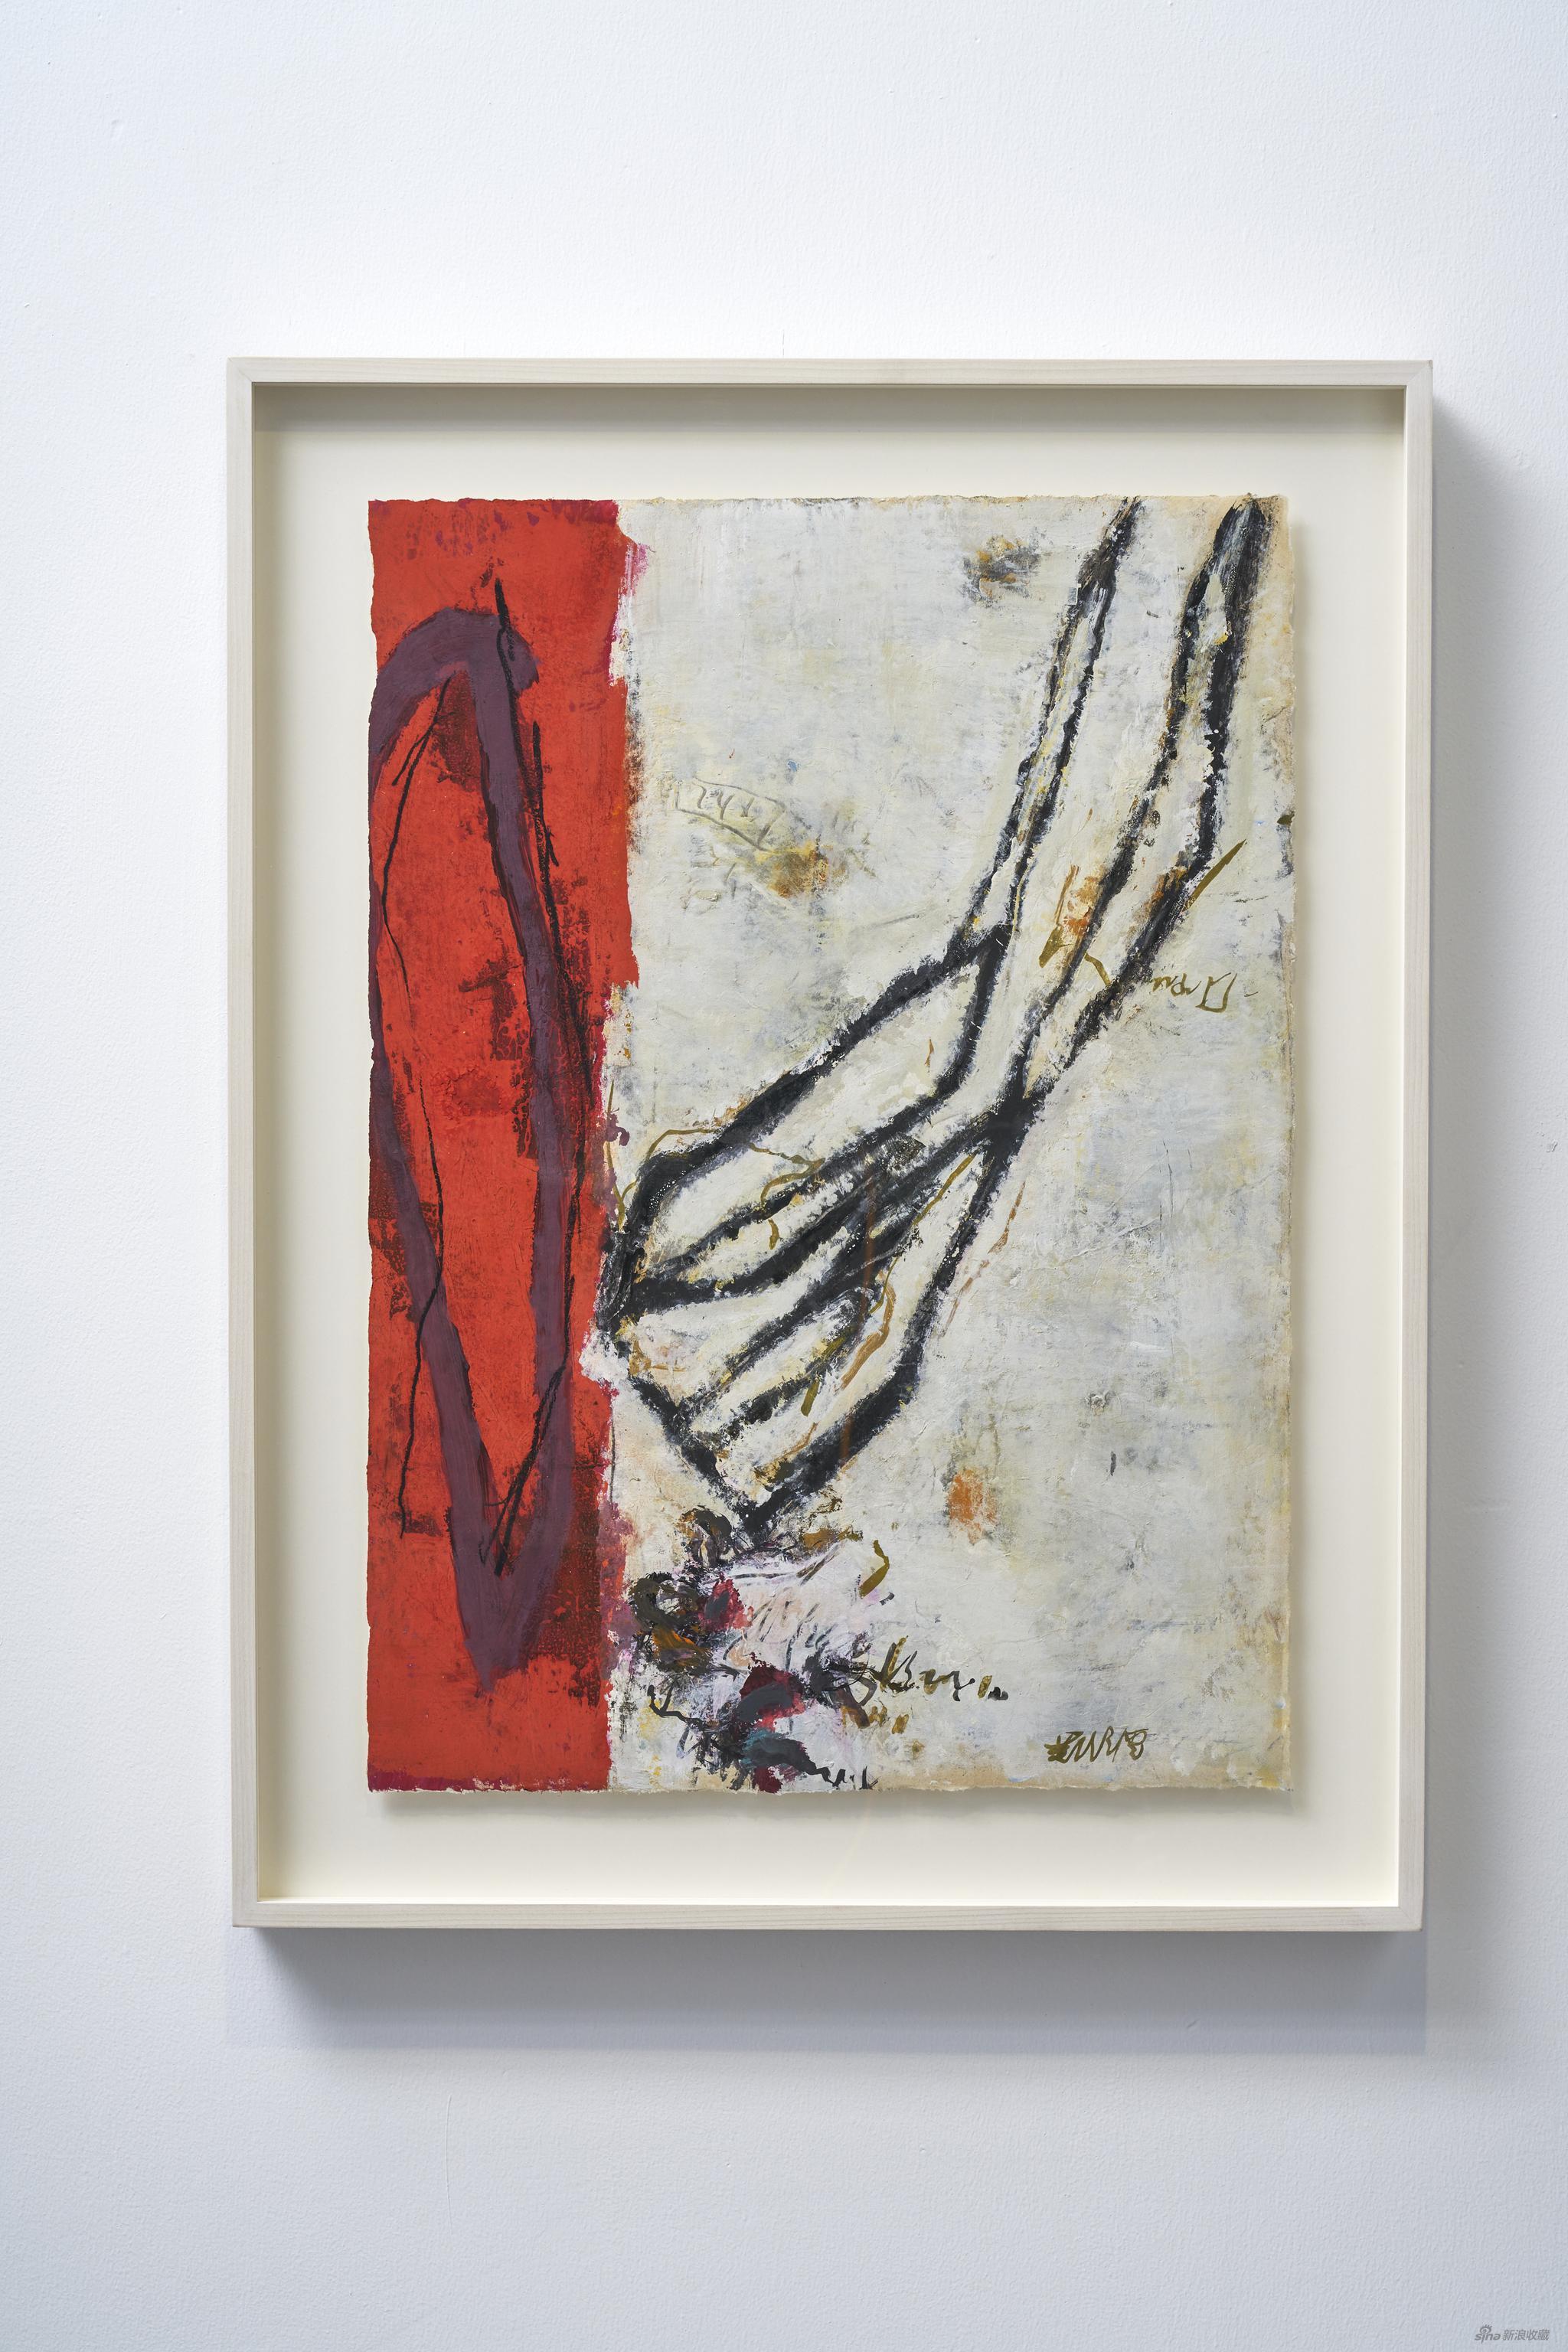 黄渊青HUANG Yuanqin,无题Untitled,1998-2020,宣纸综合材料Mixed media on rice paper,77 x 55 cm